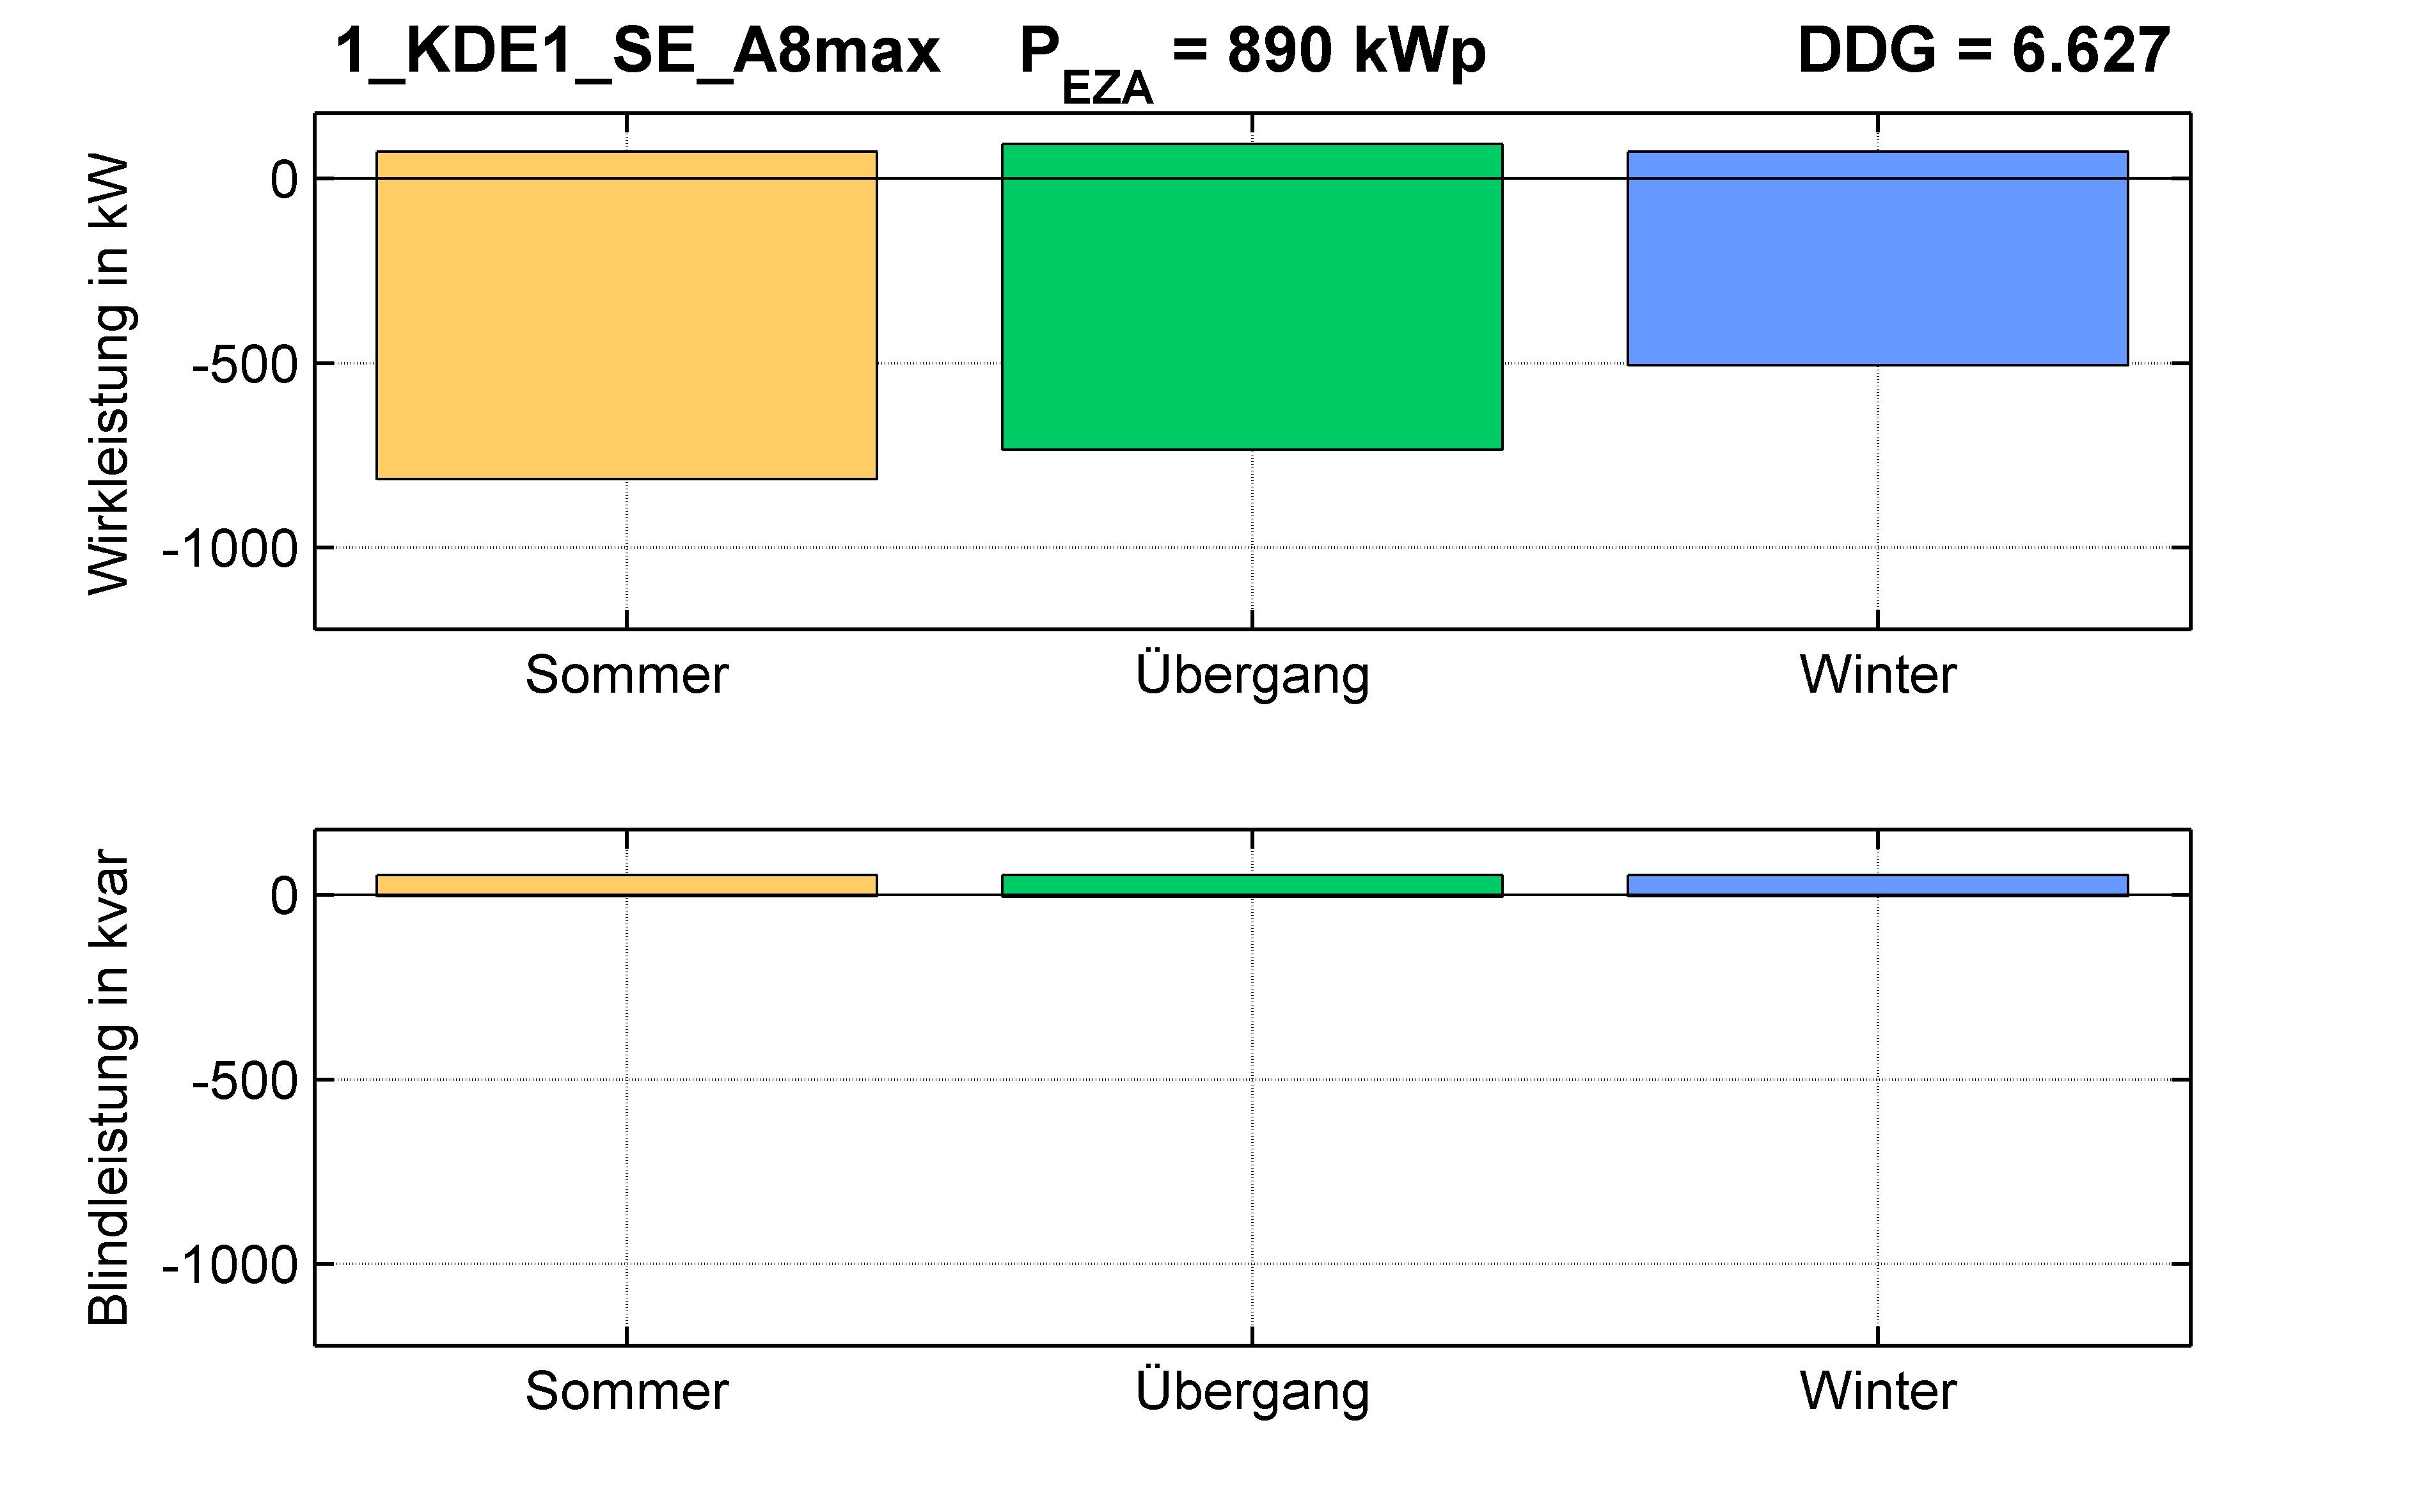 KDE1 | KABEL (SE) A8max | PQ-Bilanz